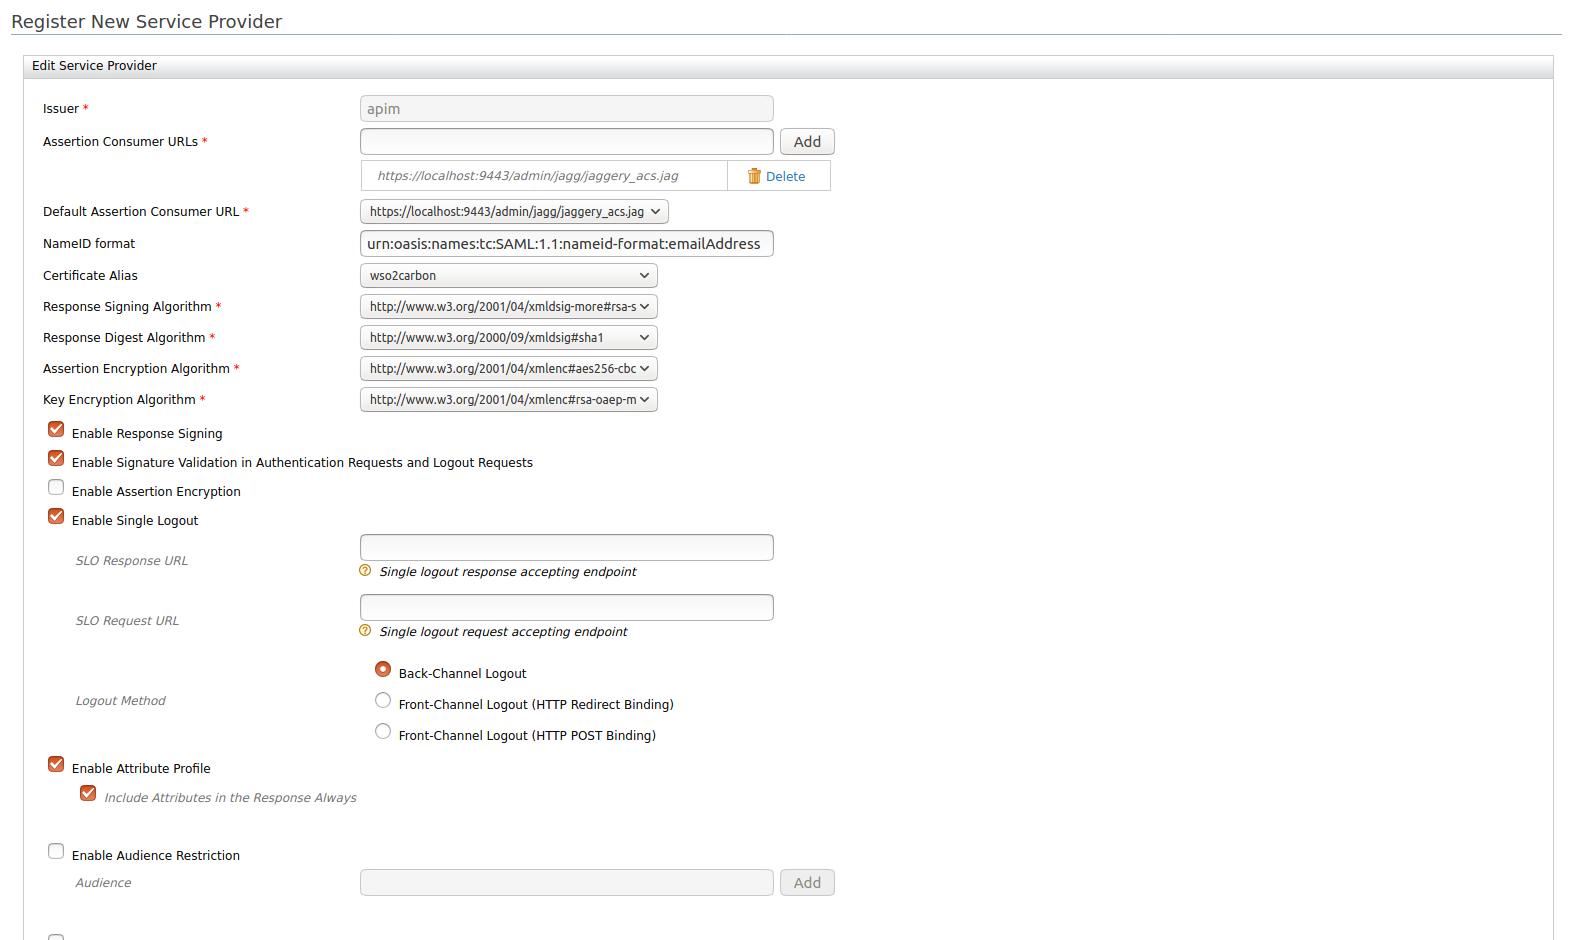 SAML configuration in service provider